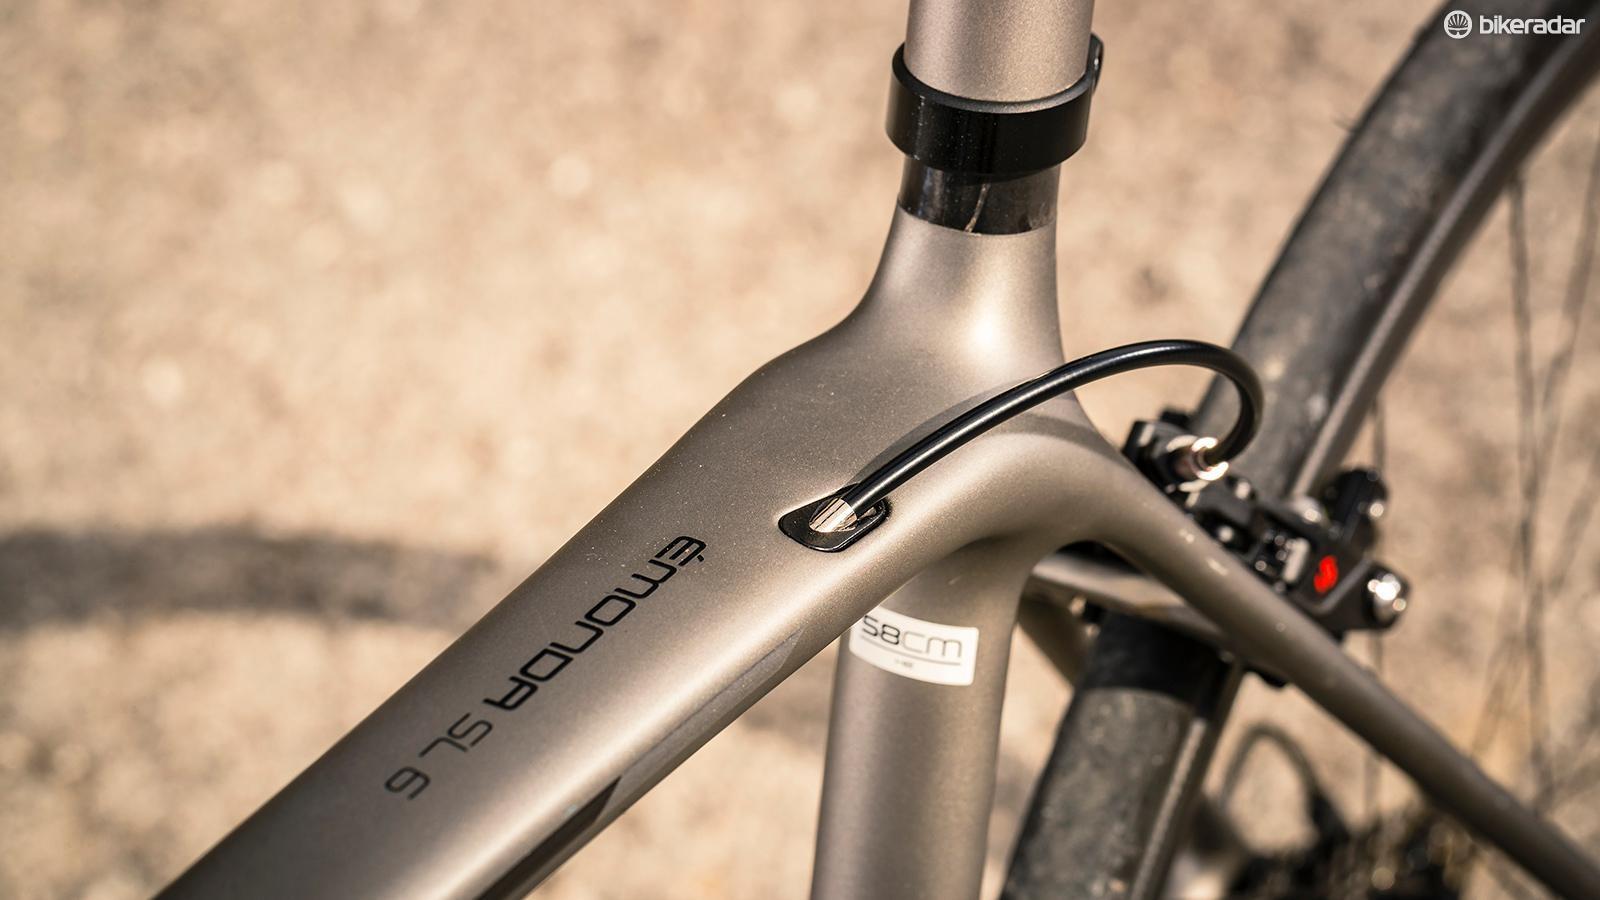 f3d3f4ff9e6 Trek Emonda SL6 Pro review - BikeRadar